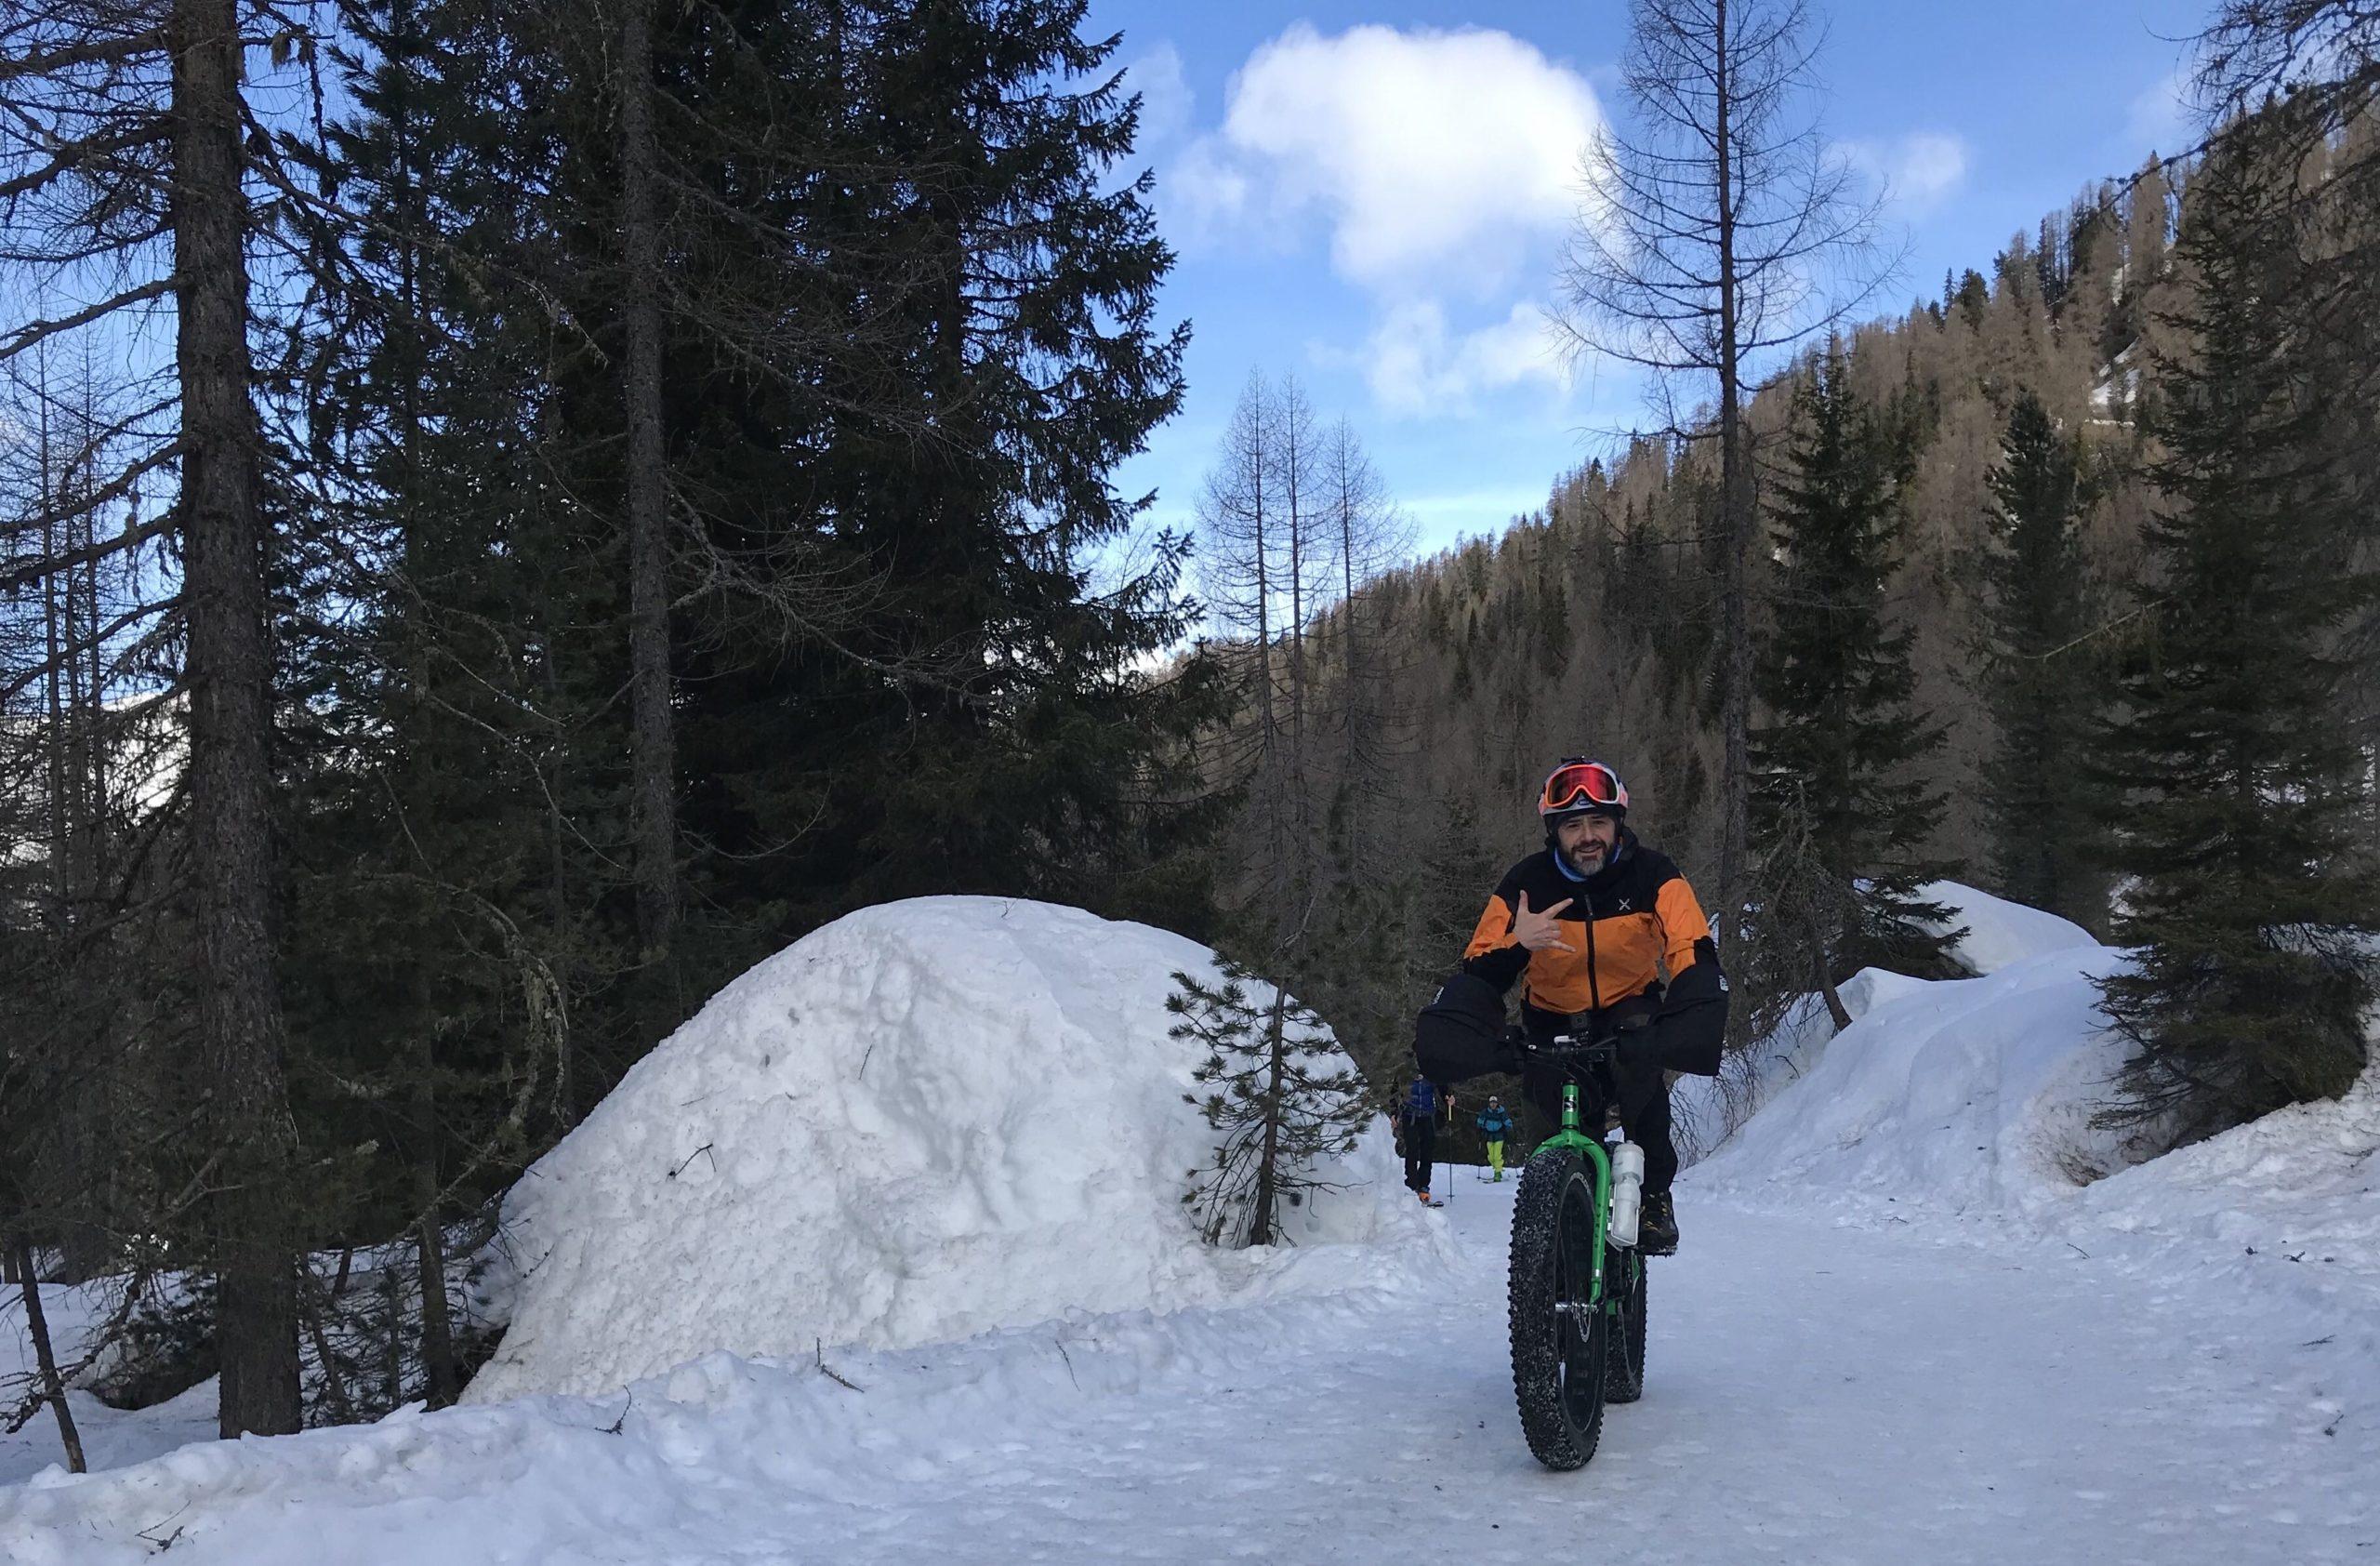 Val Venegia, fat bike, Trentino, viaggiare in Trentino , vacanze in trentino, Dolomiti, patrimonio Unesco, Dolomiti in inverno, Passo Rolle, Parco naturale panneggio Pale di San Martino, pedalare nelle Dolomiti, vacanze in bici, bicicletta